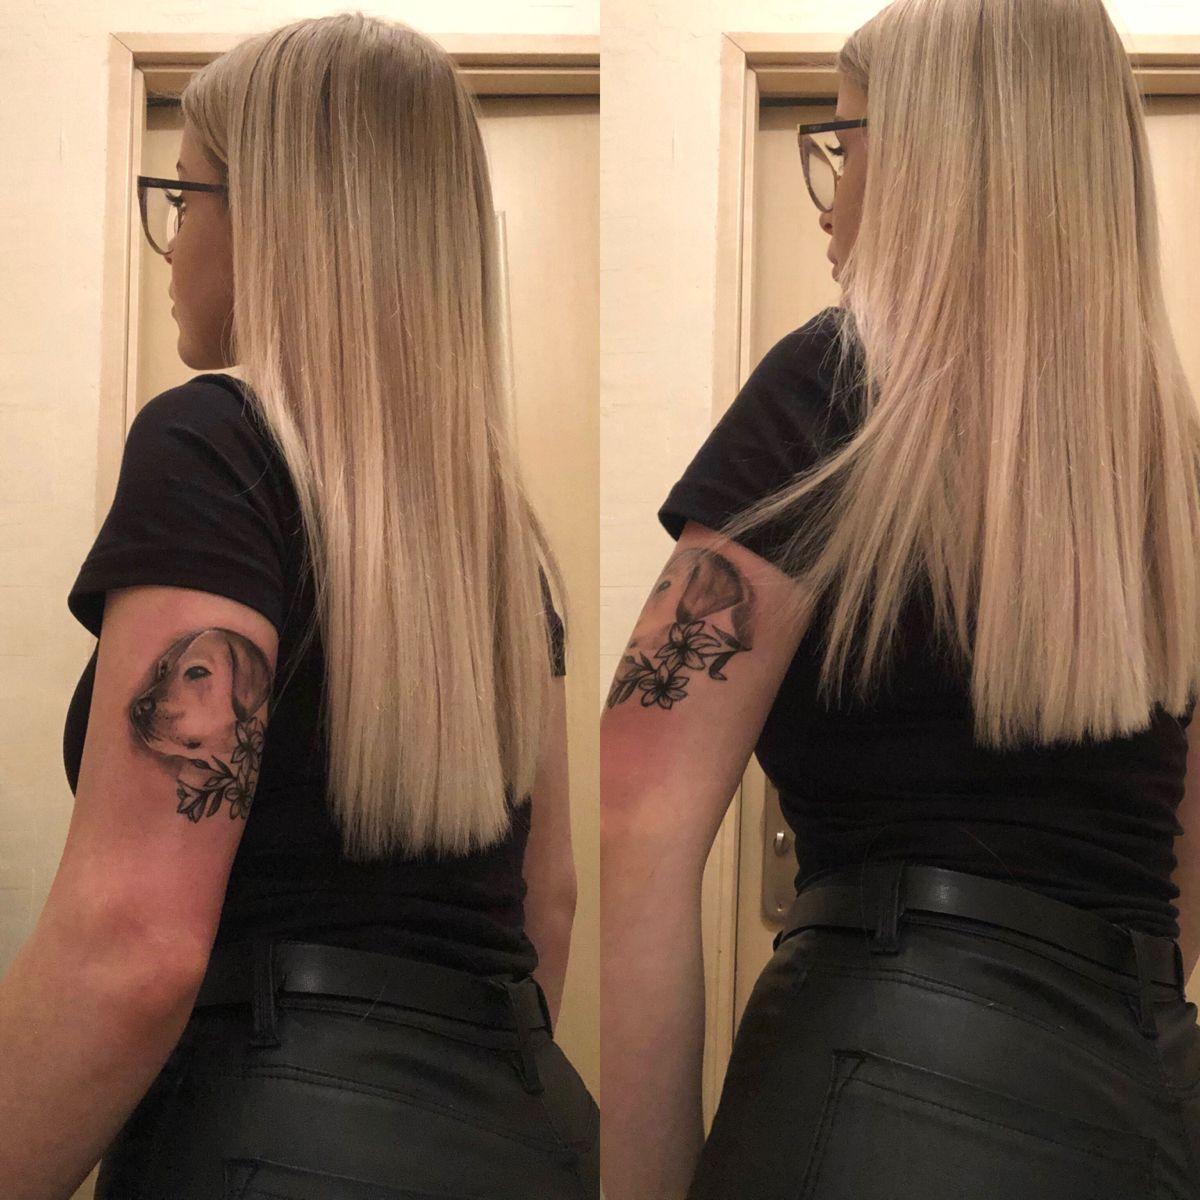 #tattoo #tattoosforwomen #tattooarm #tattoodog #tattooinspiration #tattoogirl #labrador